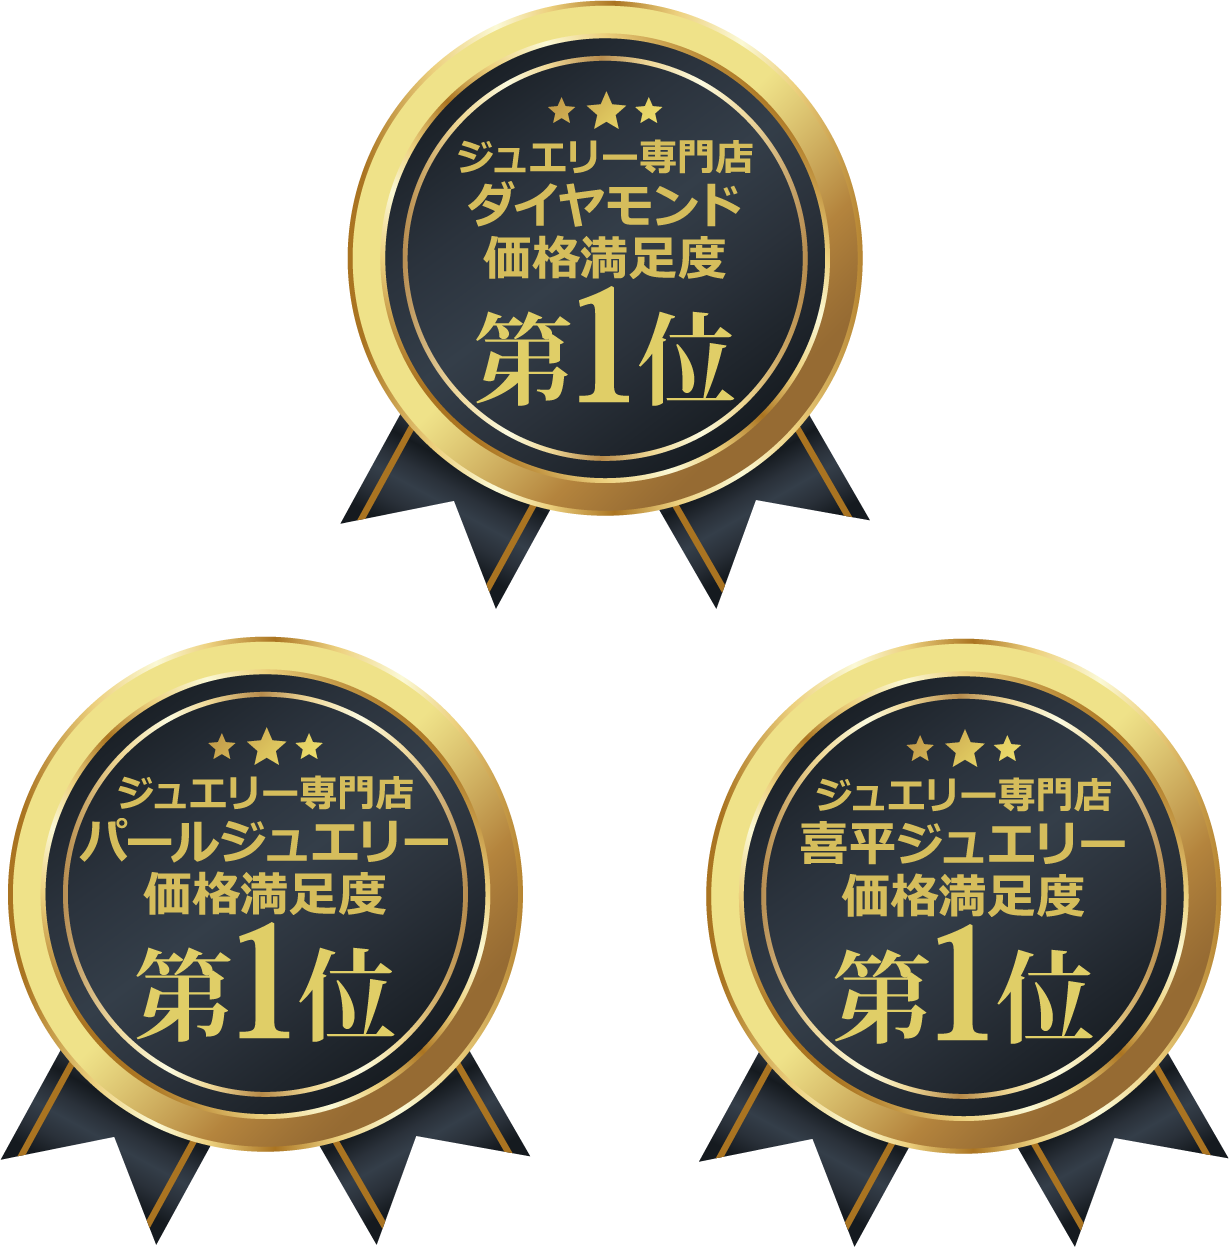 ジュエリー専門店価格満足度No.1